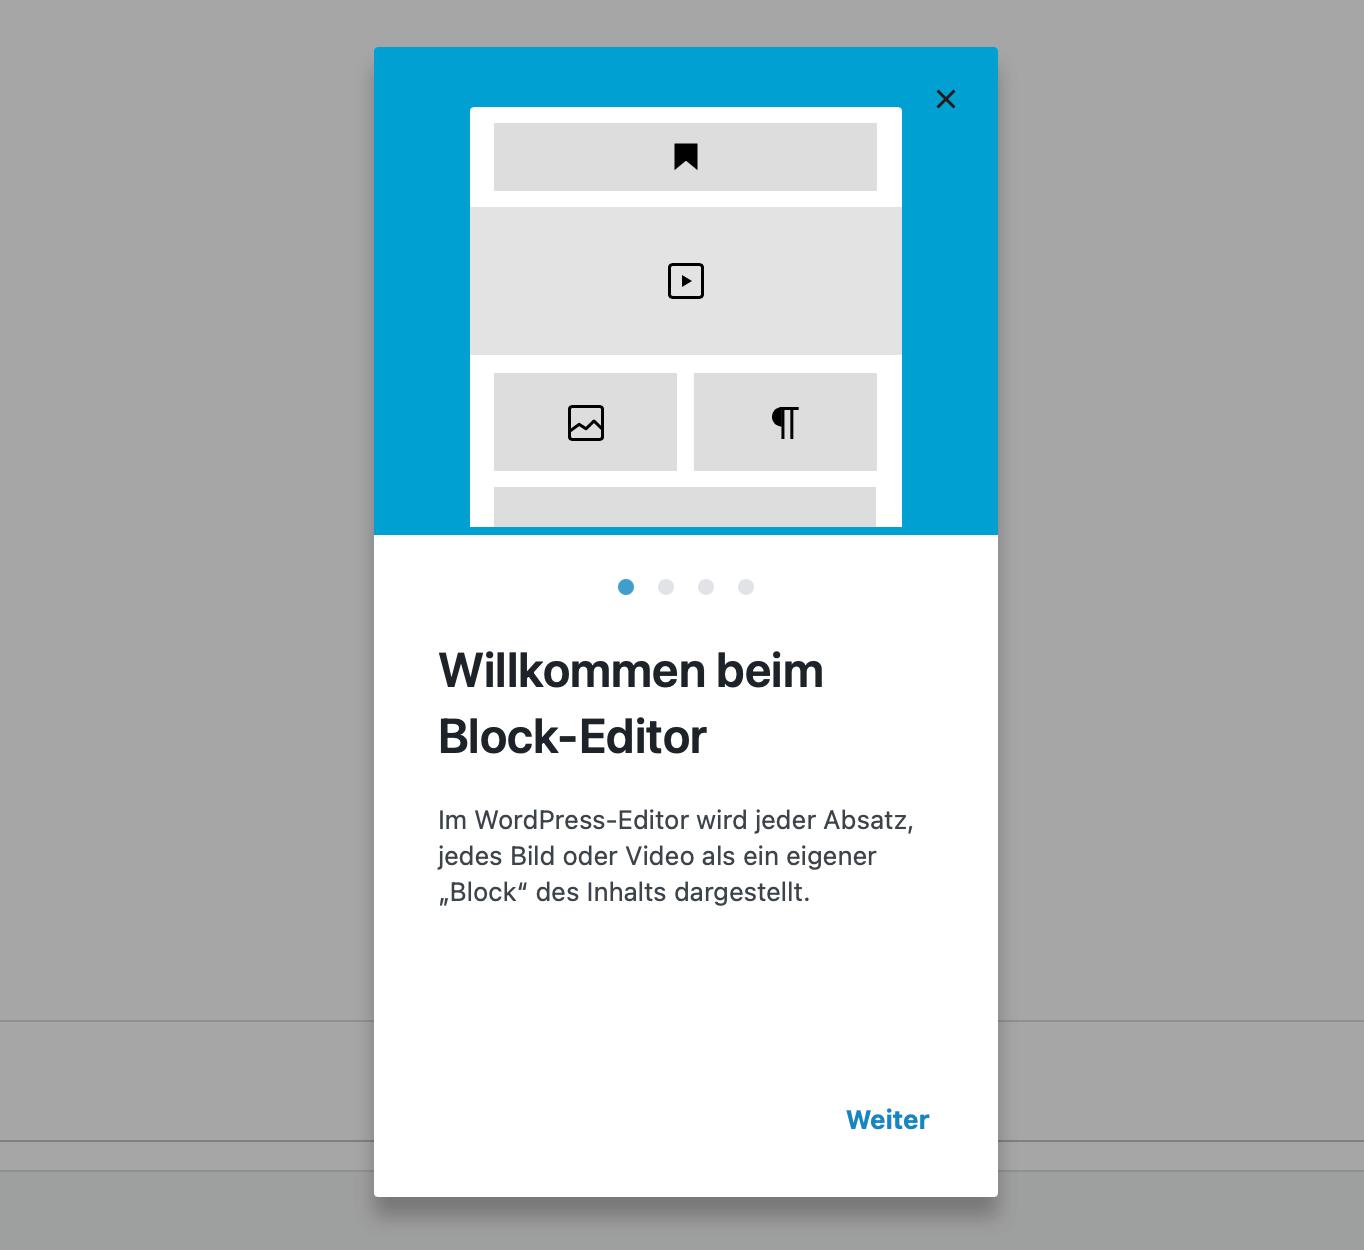 Der Willkommens-Guide im Block-Editor